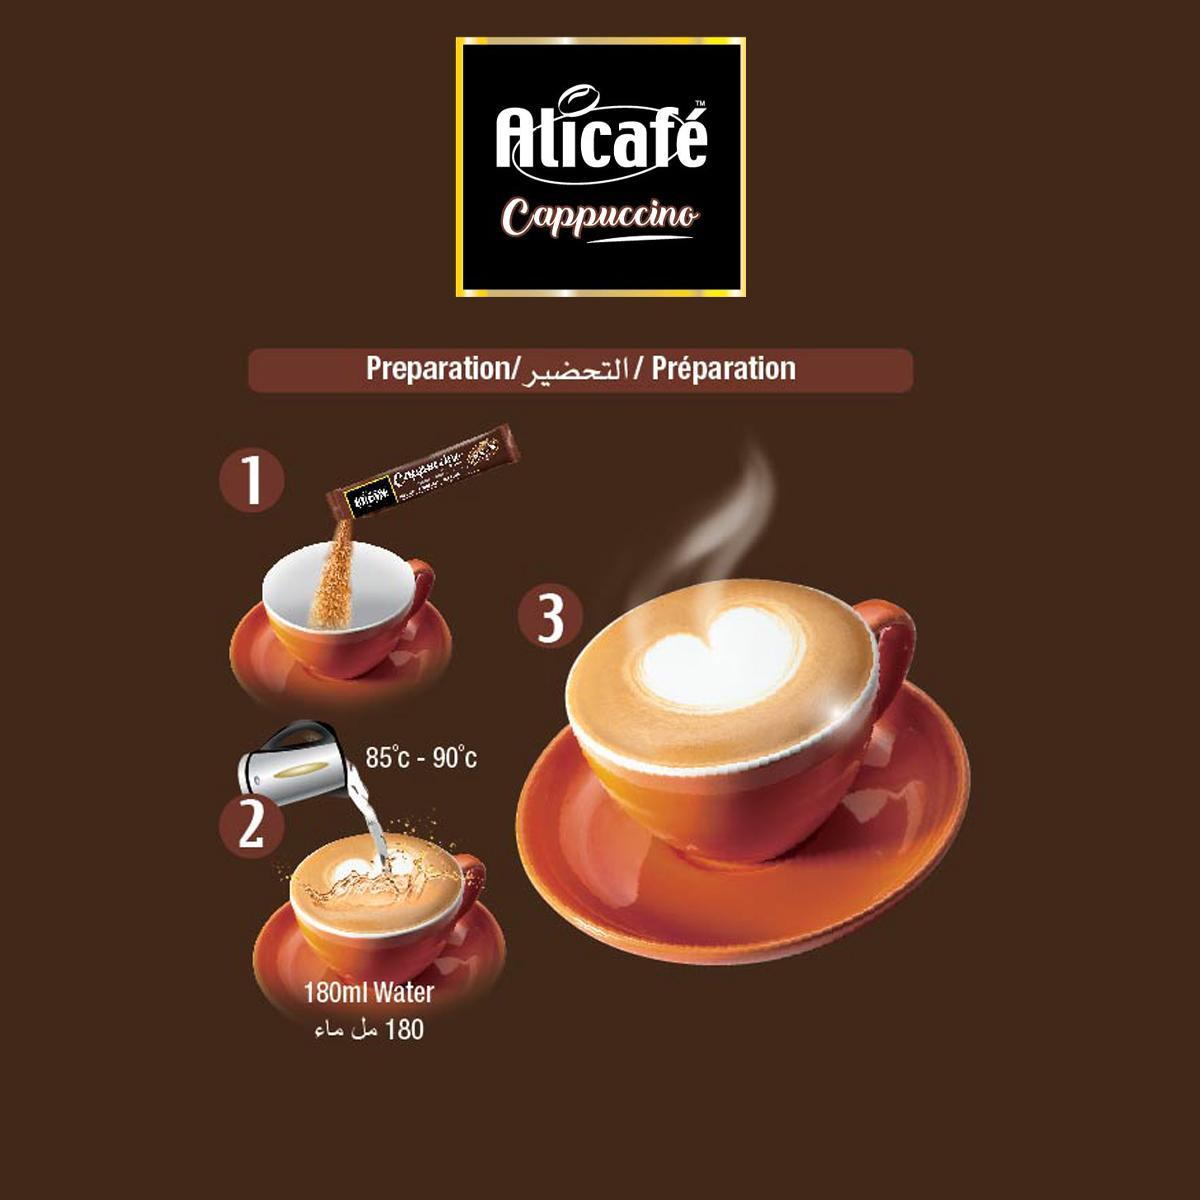 Alicafé Cappuccino With Ginseng